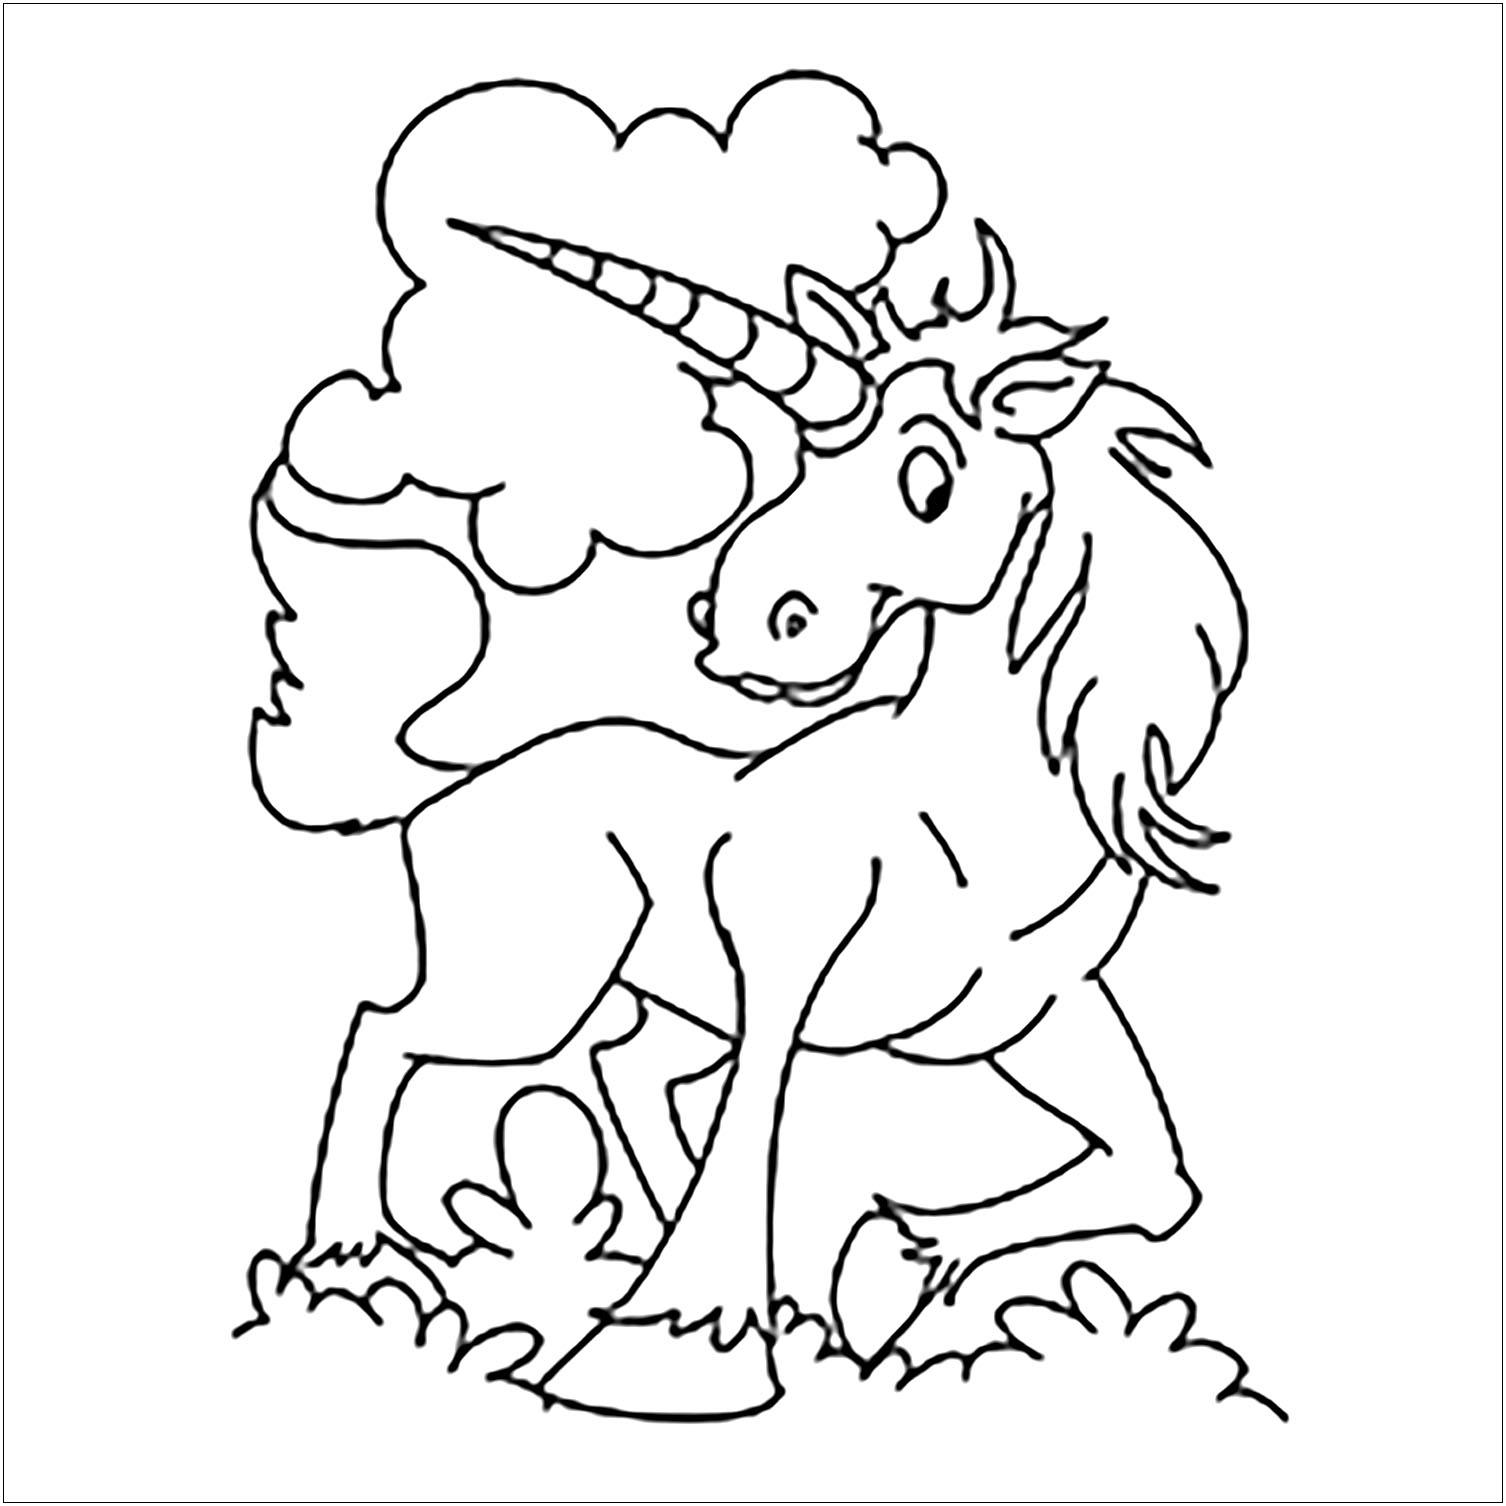 Coloriage De Licorne Pour Enfants - Coloriage De Licornes encequiconcerne Dessin Pour Enfant À Colorier